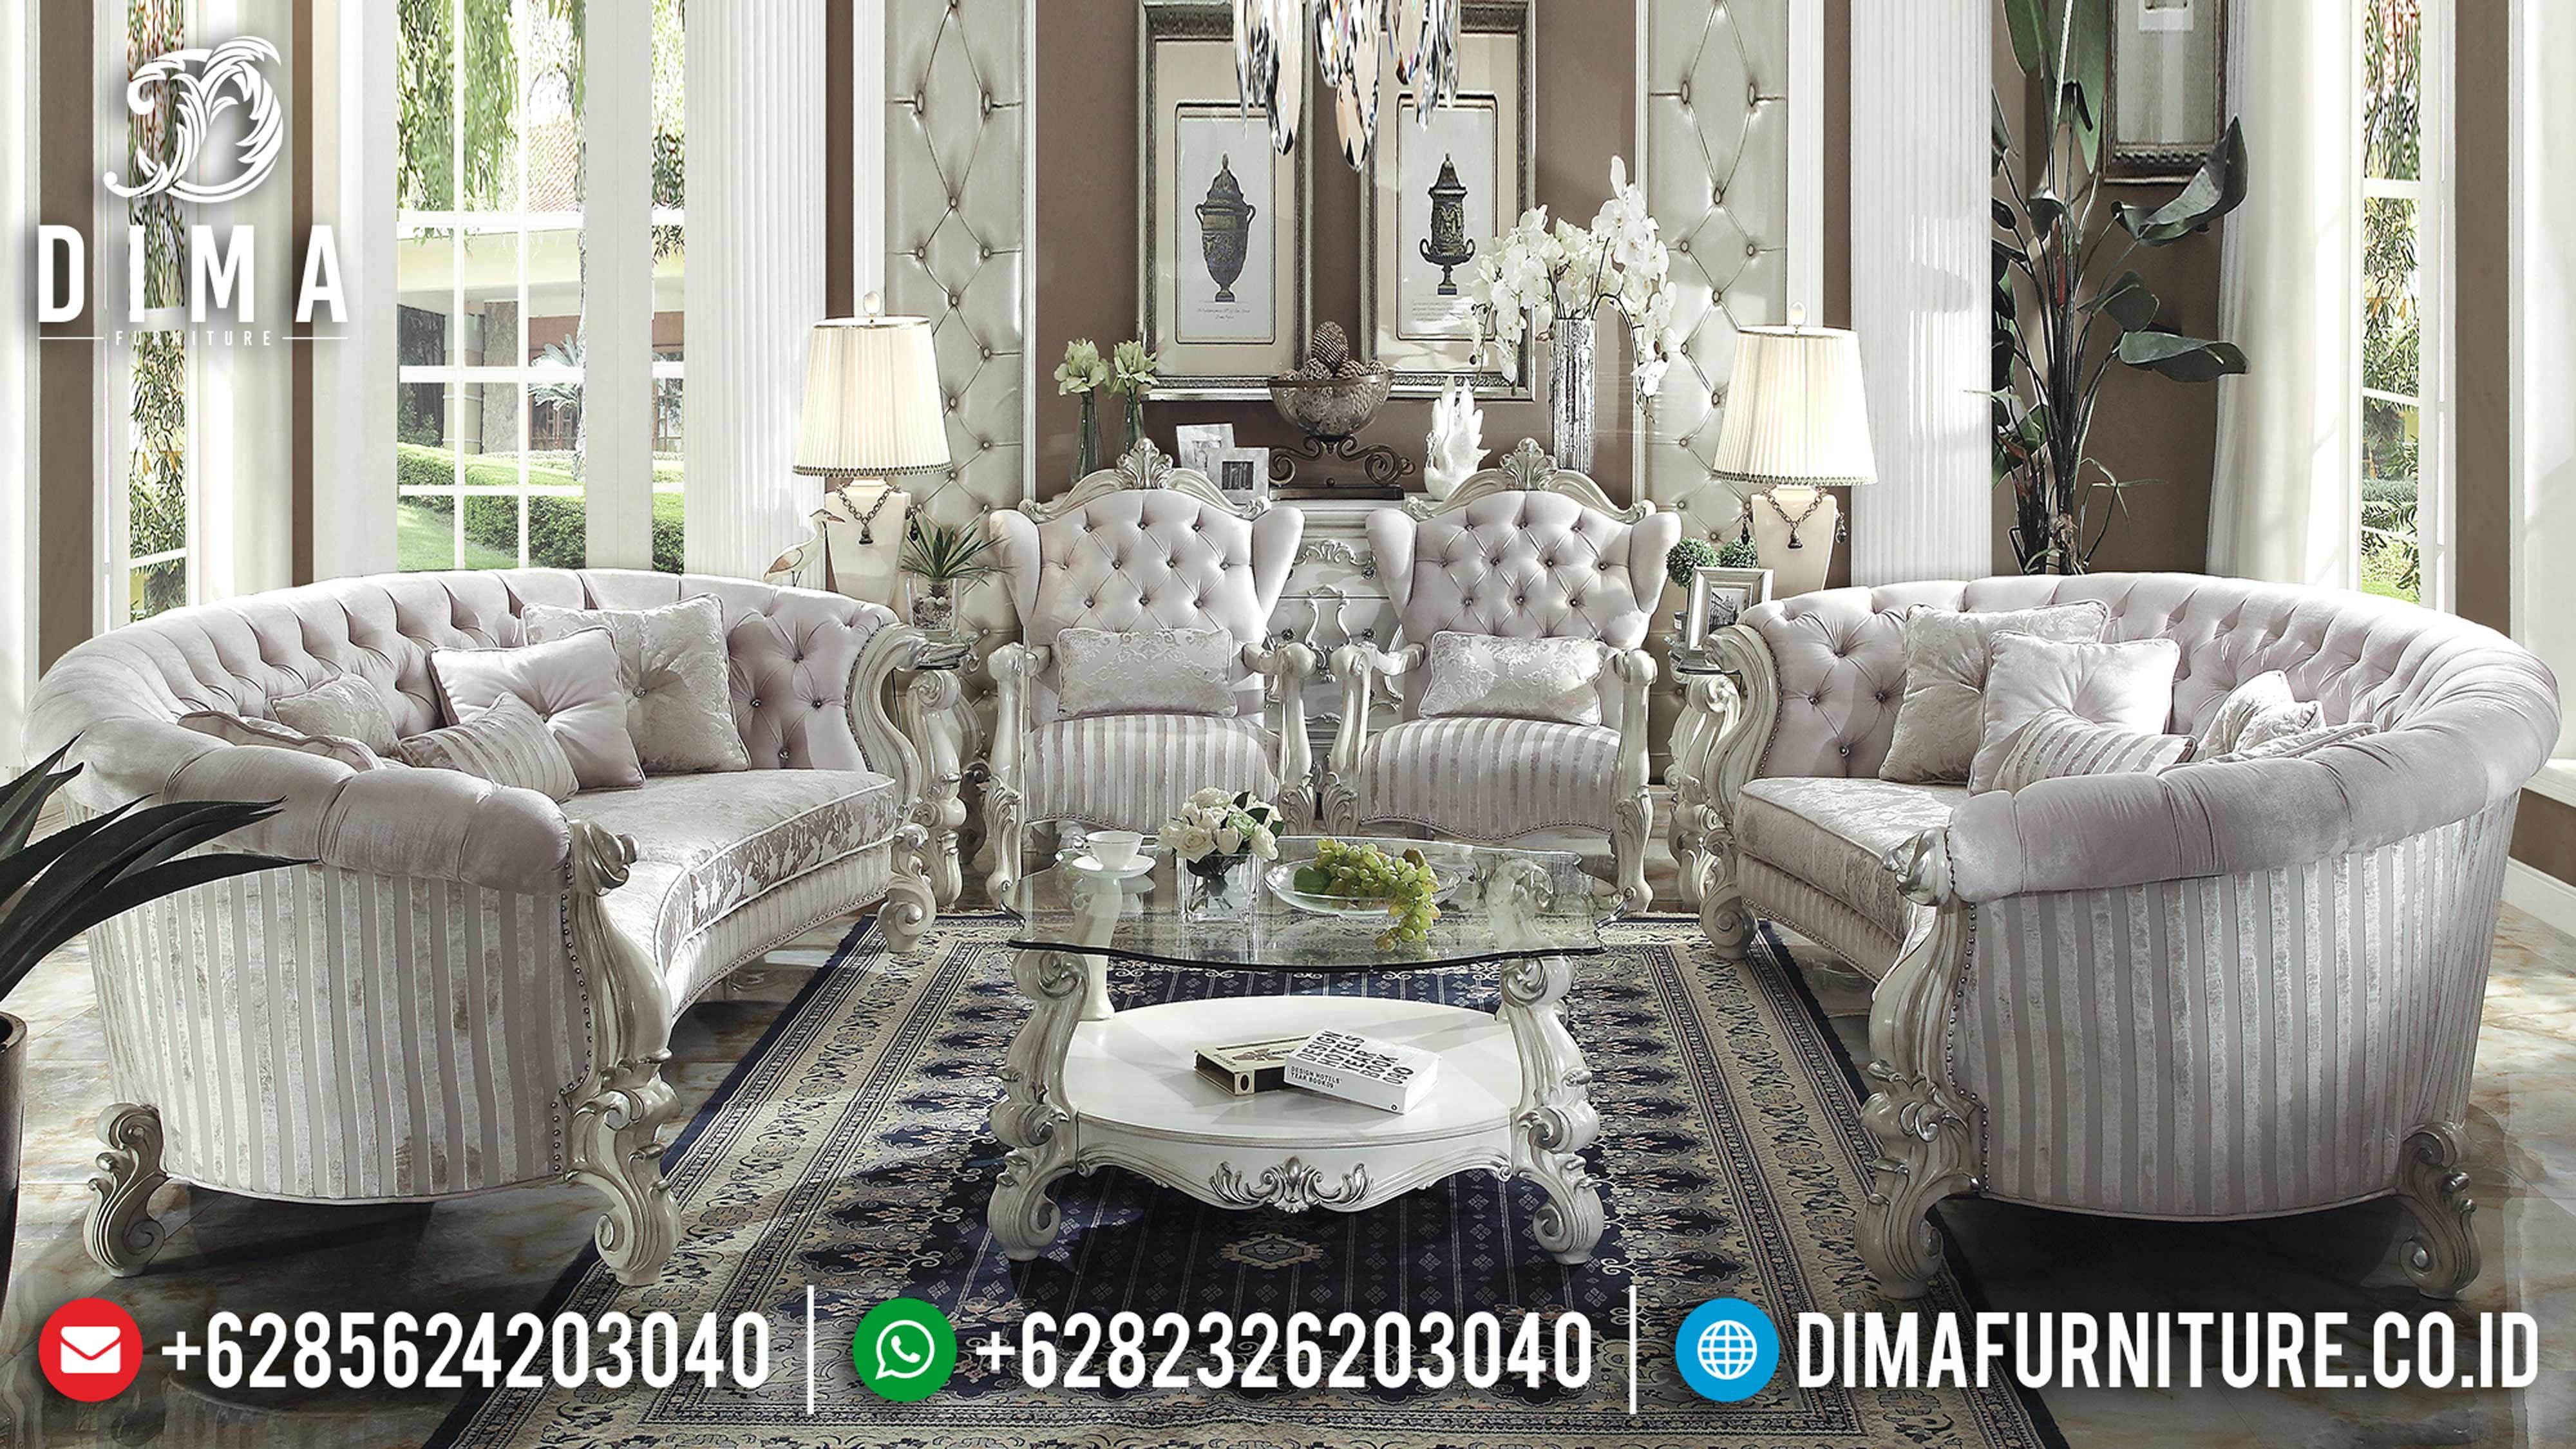 Jual Classic Furniture Set Sofa Tamu Jepara Mewah Terbaru Vendome DF-0579